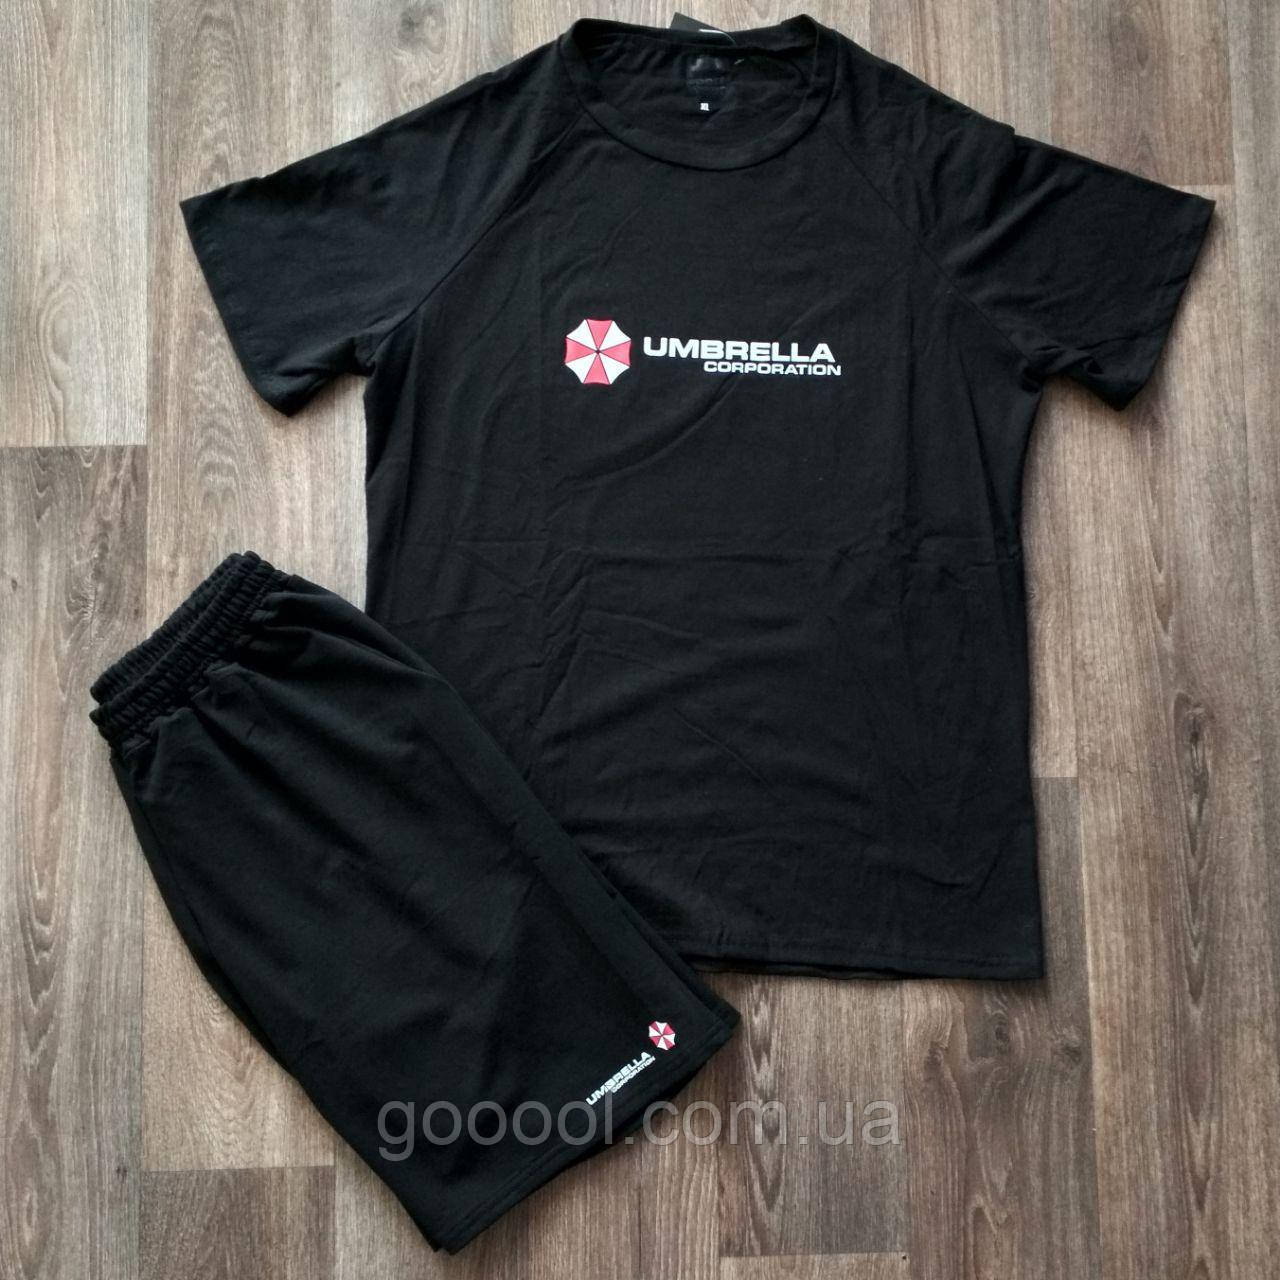 Комплект футболка и шорты Umbrella черный